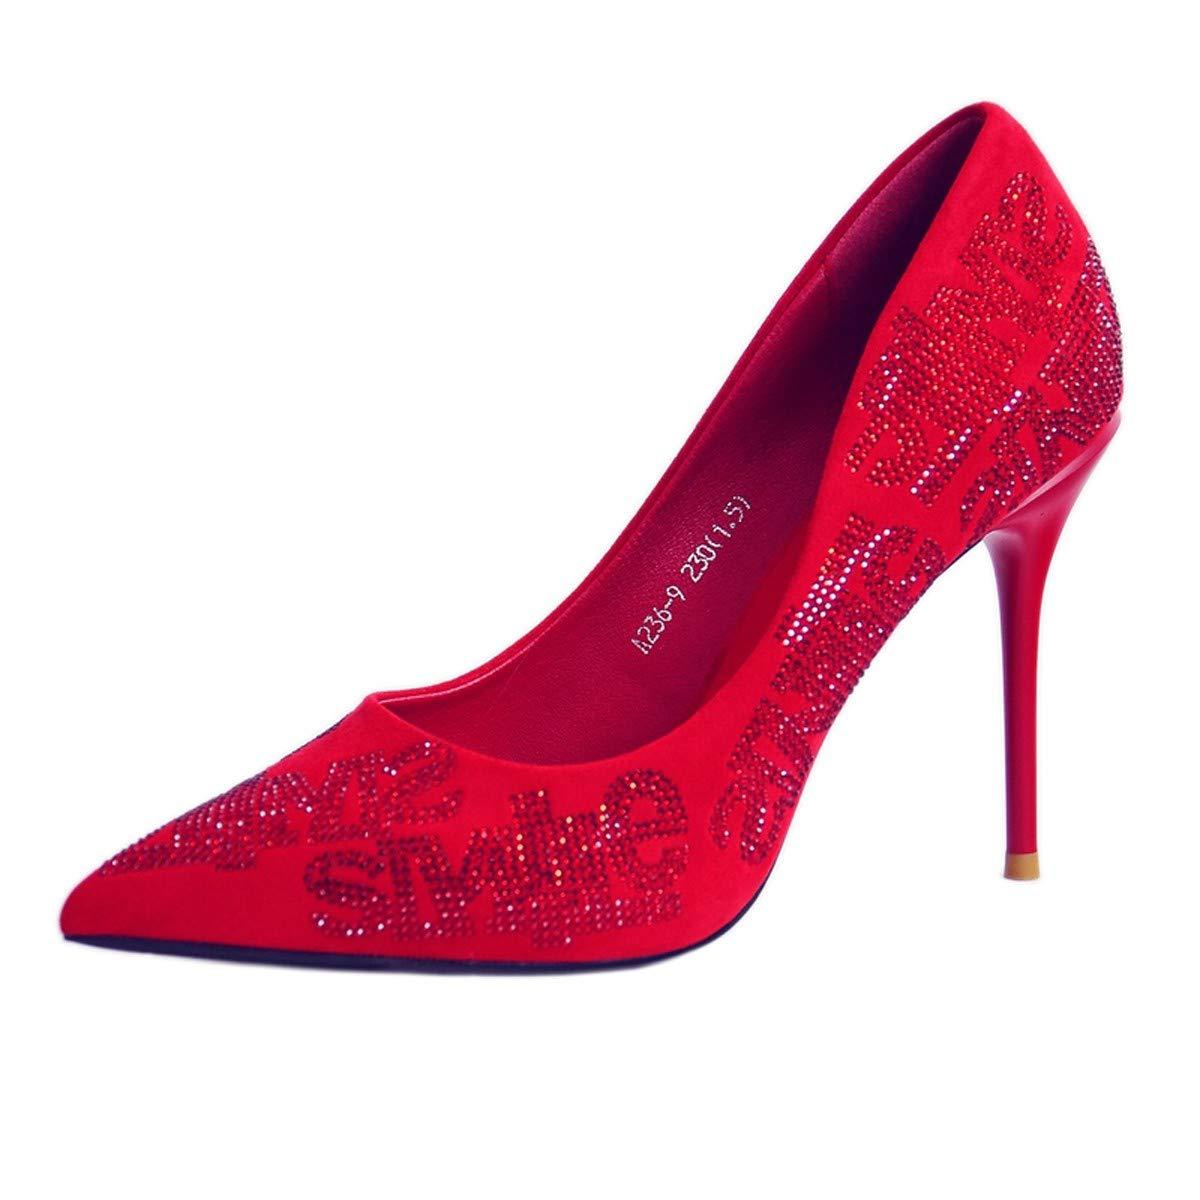 Gules Thirty-seven GTVERNH-Le Forage de 10 cm de Talon l'eau Les Femmes Bien des Talons Pointu Sexy rouge Chaussures de Mariage Mariage fête des Chaussures